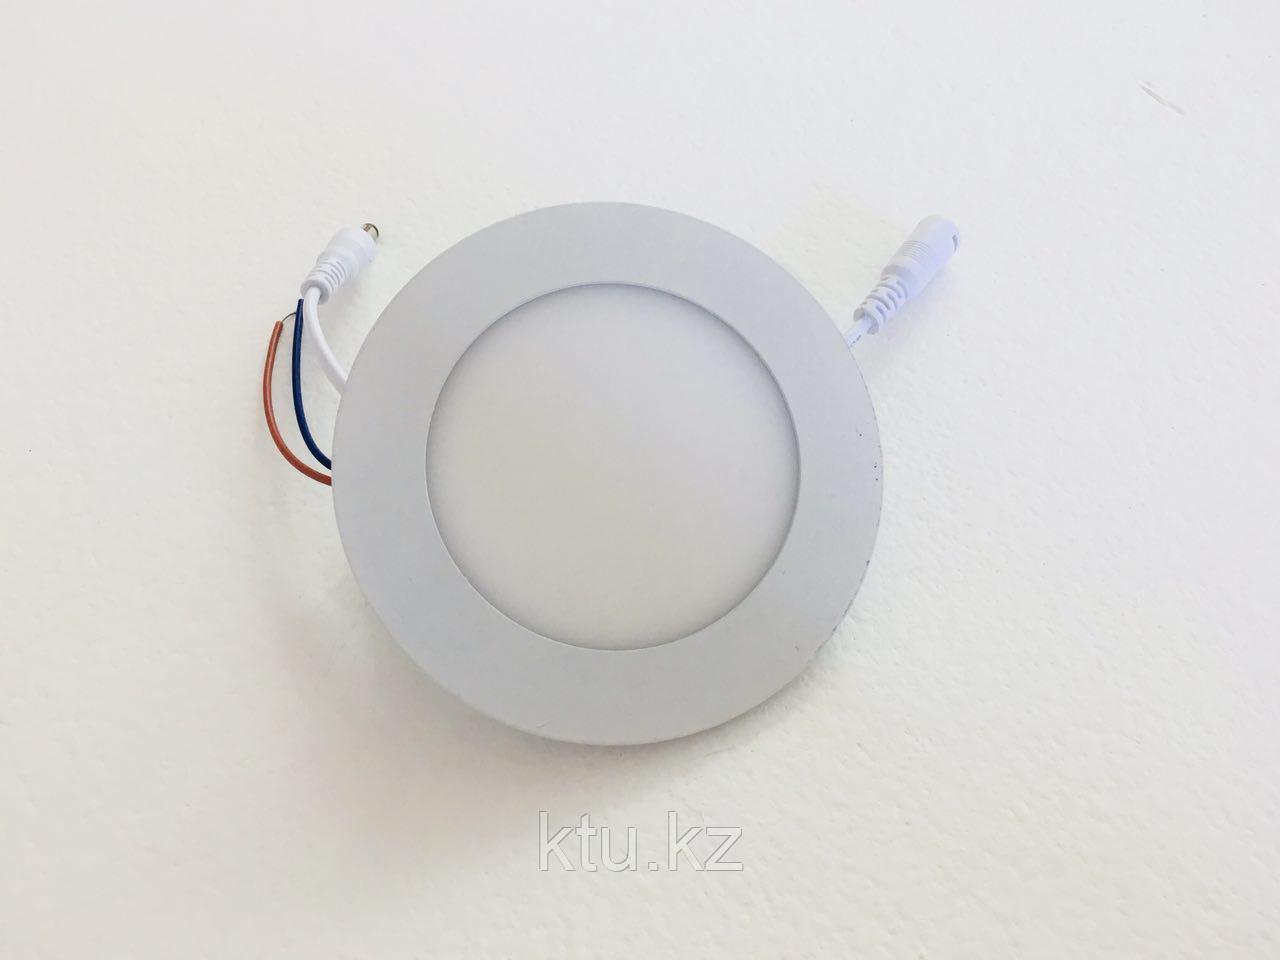 Светильники (споты) JL-F 6W,внутренний 1год гарантия